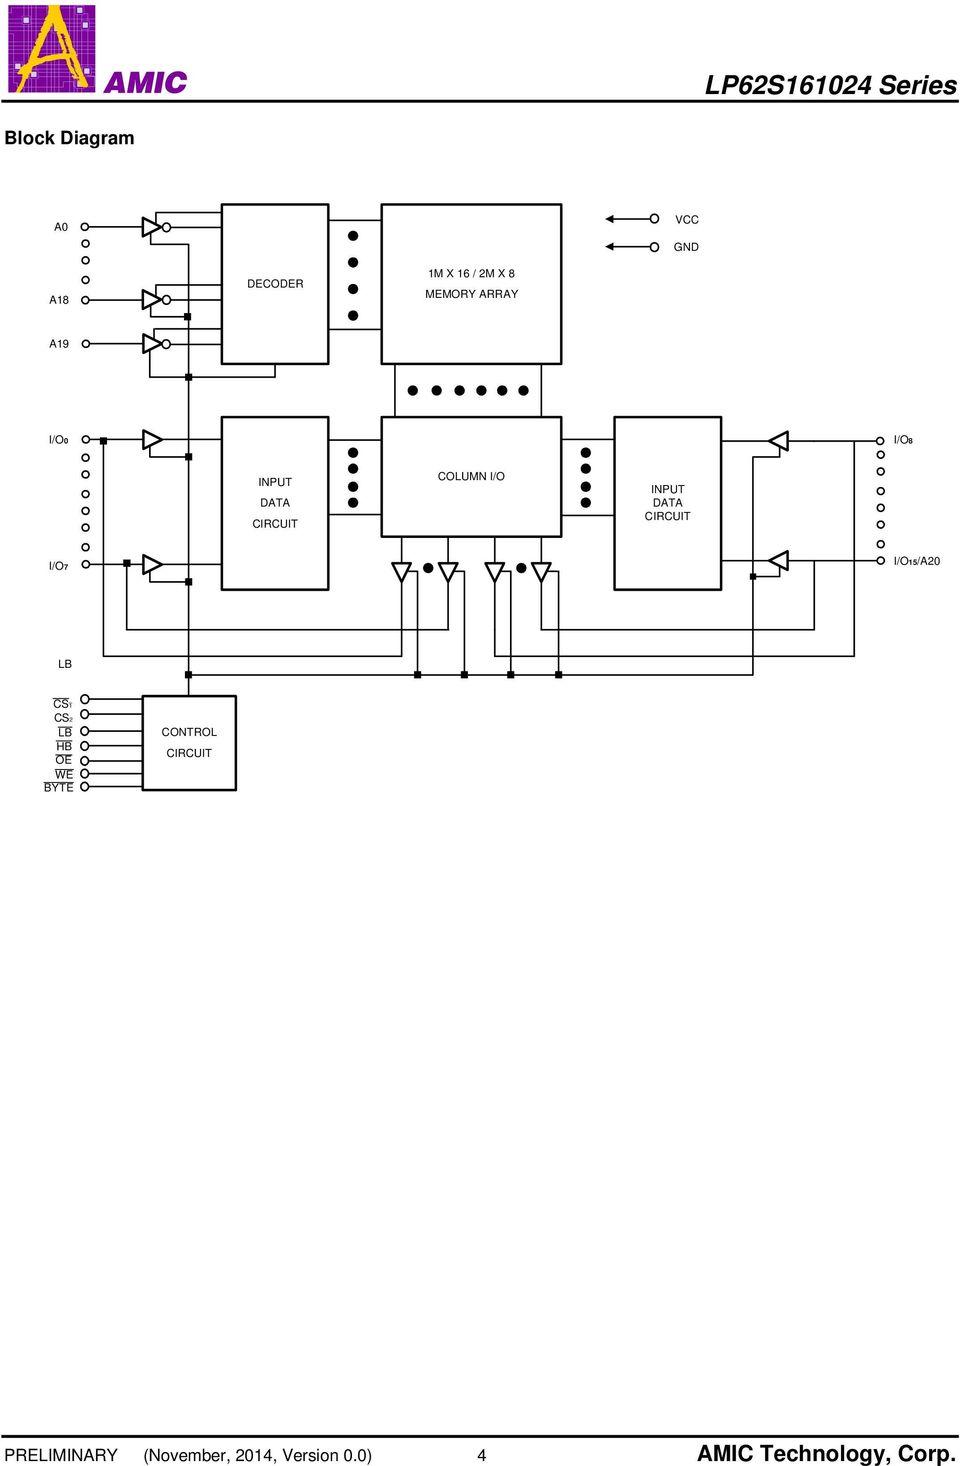 medium resolution of circuit i o7 i o15 a20 lb cs1 cs2 lb hb oe we